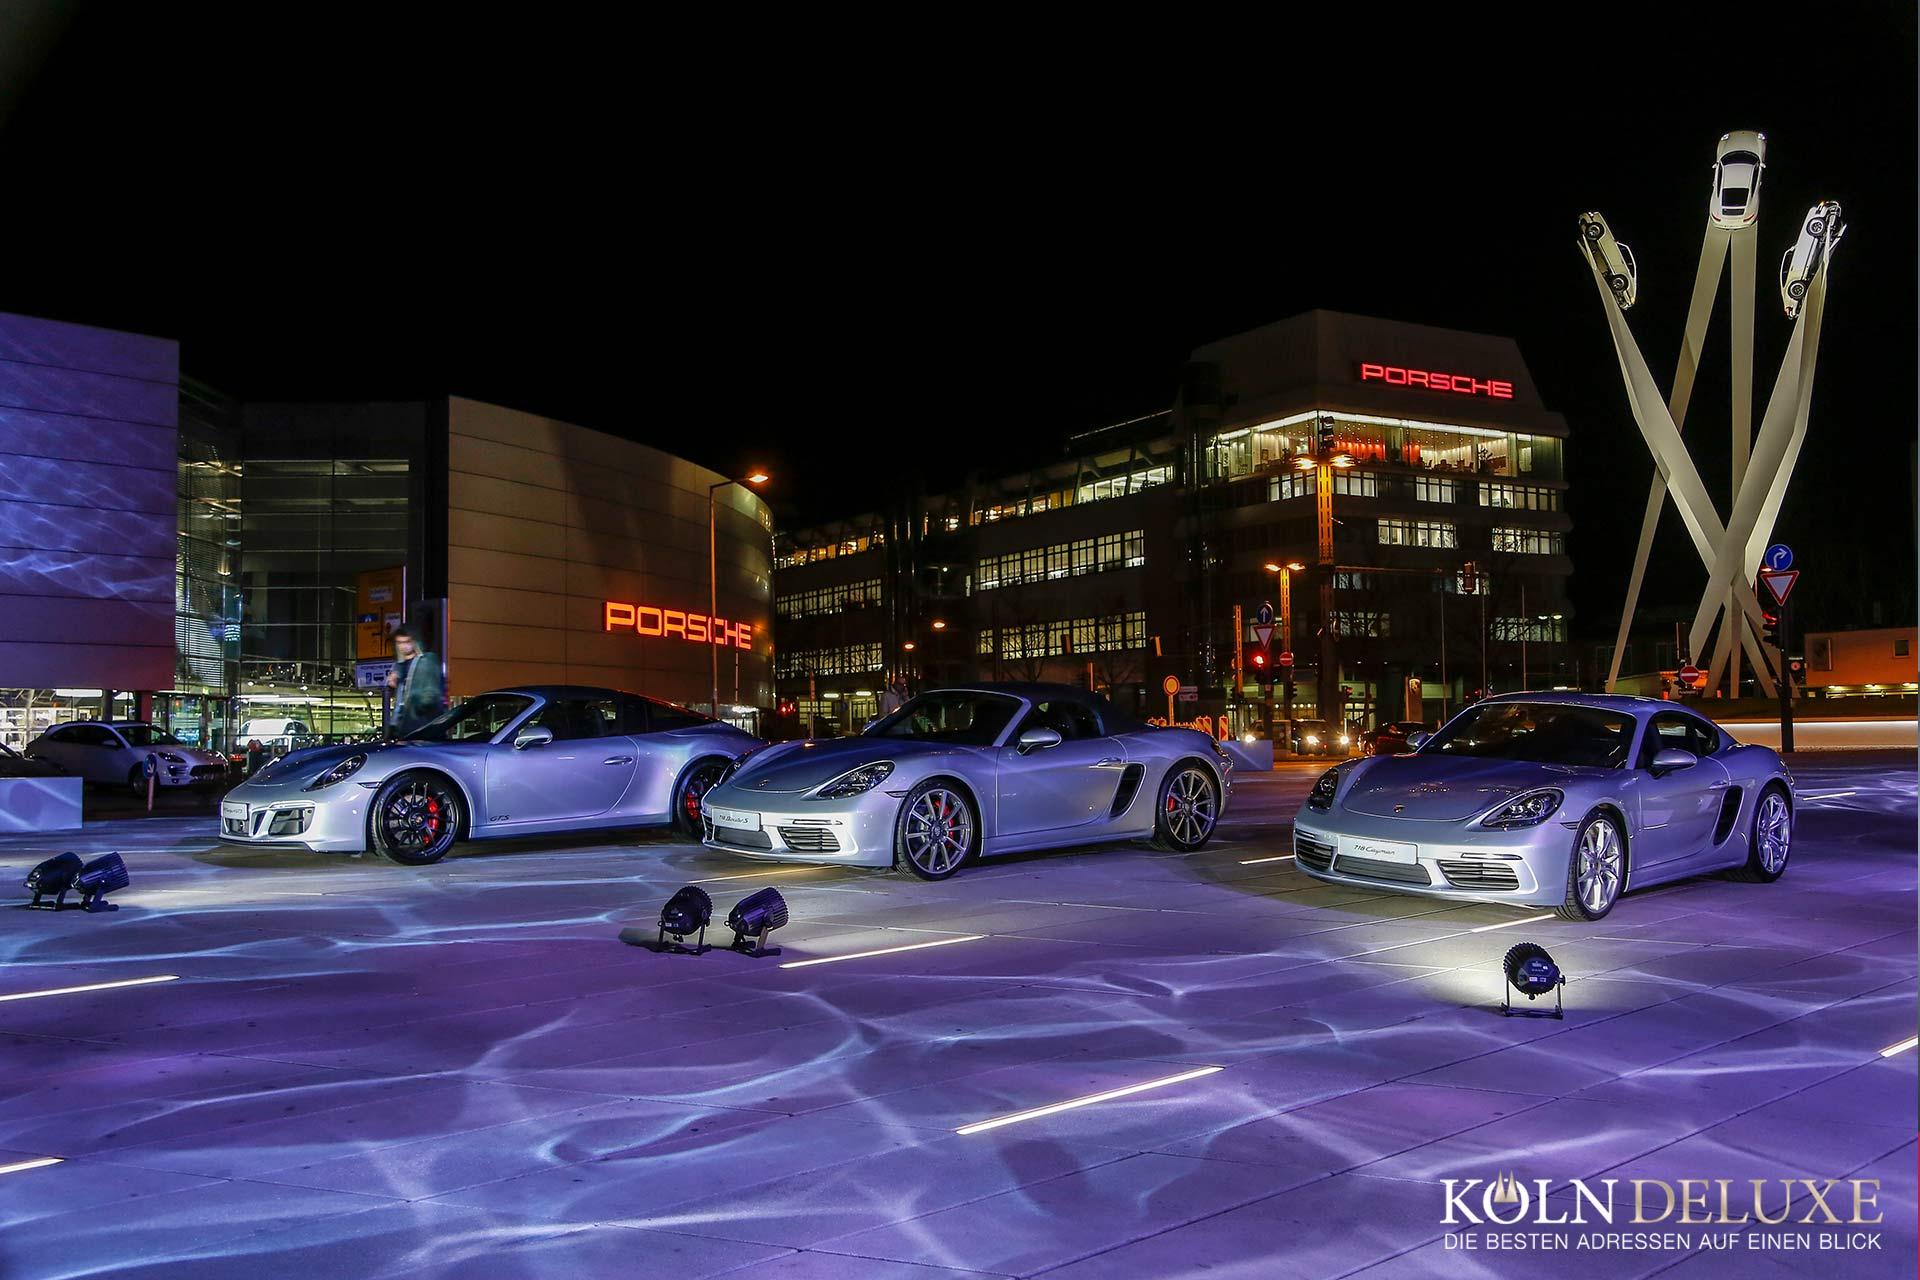 Seit 70 Jahren steht Porsche für Sportwagen